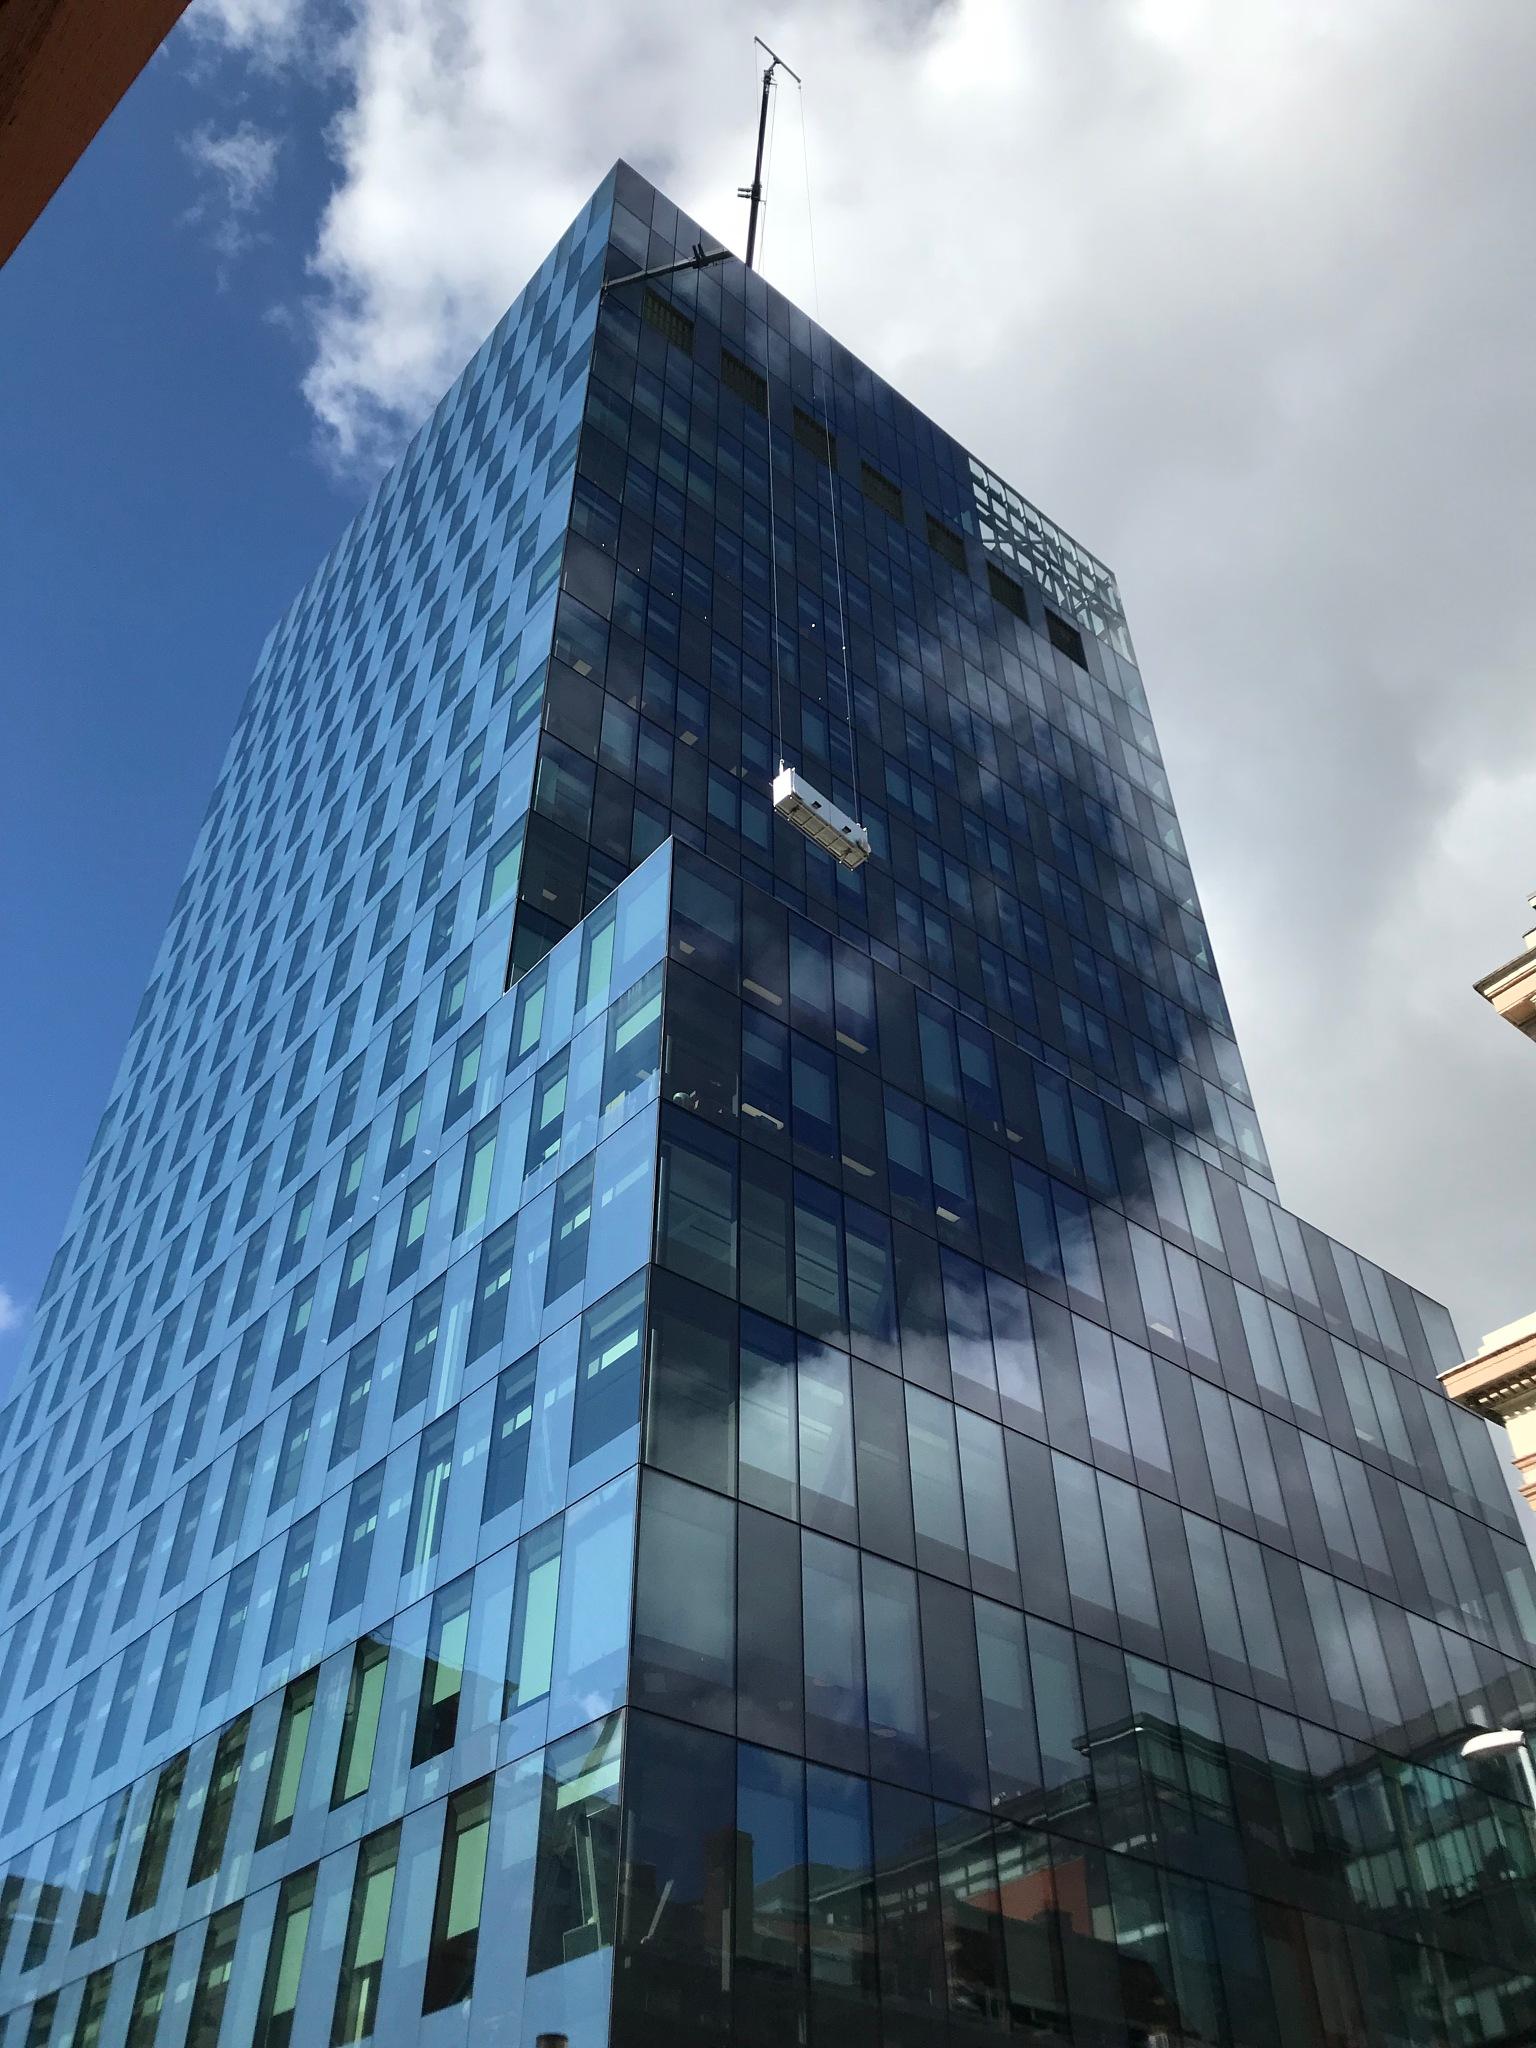 Building  by Vincenzo Puccio